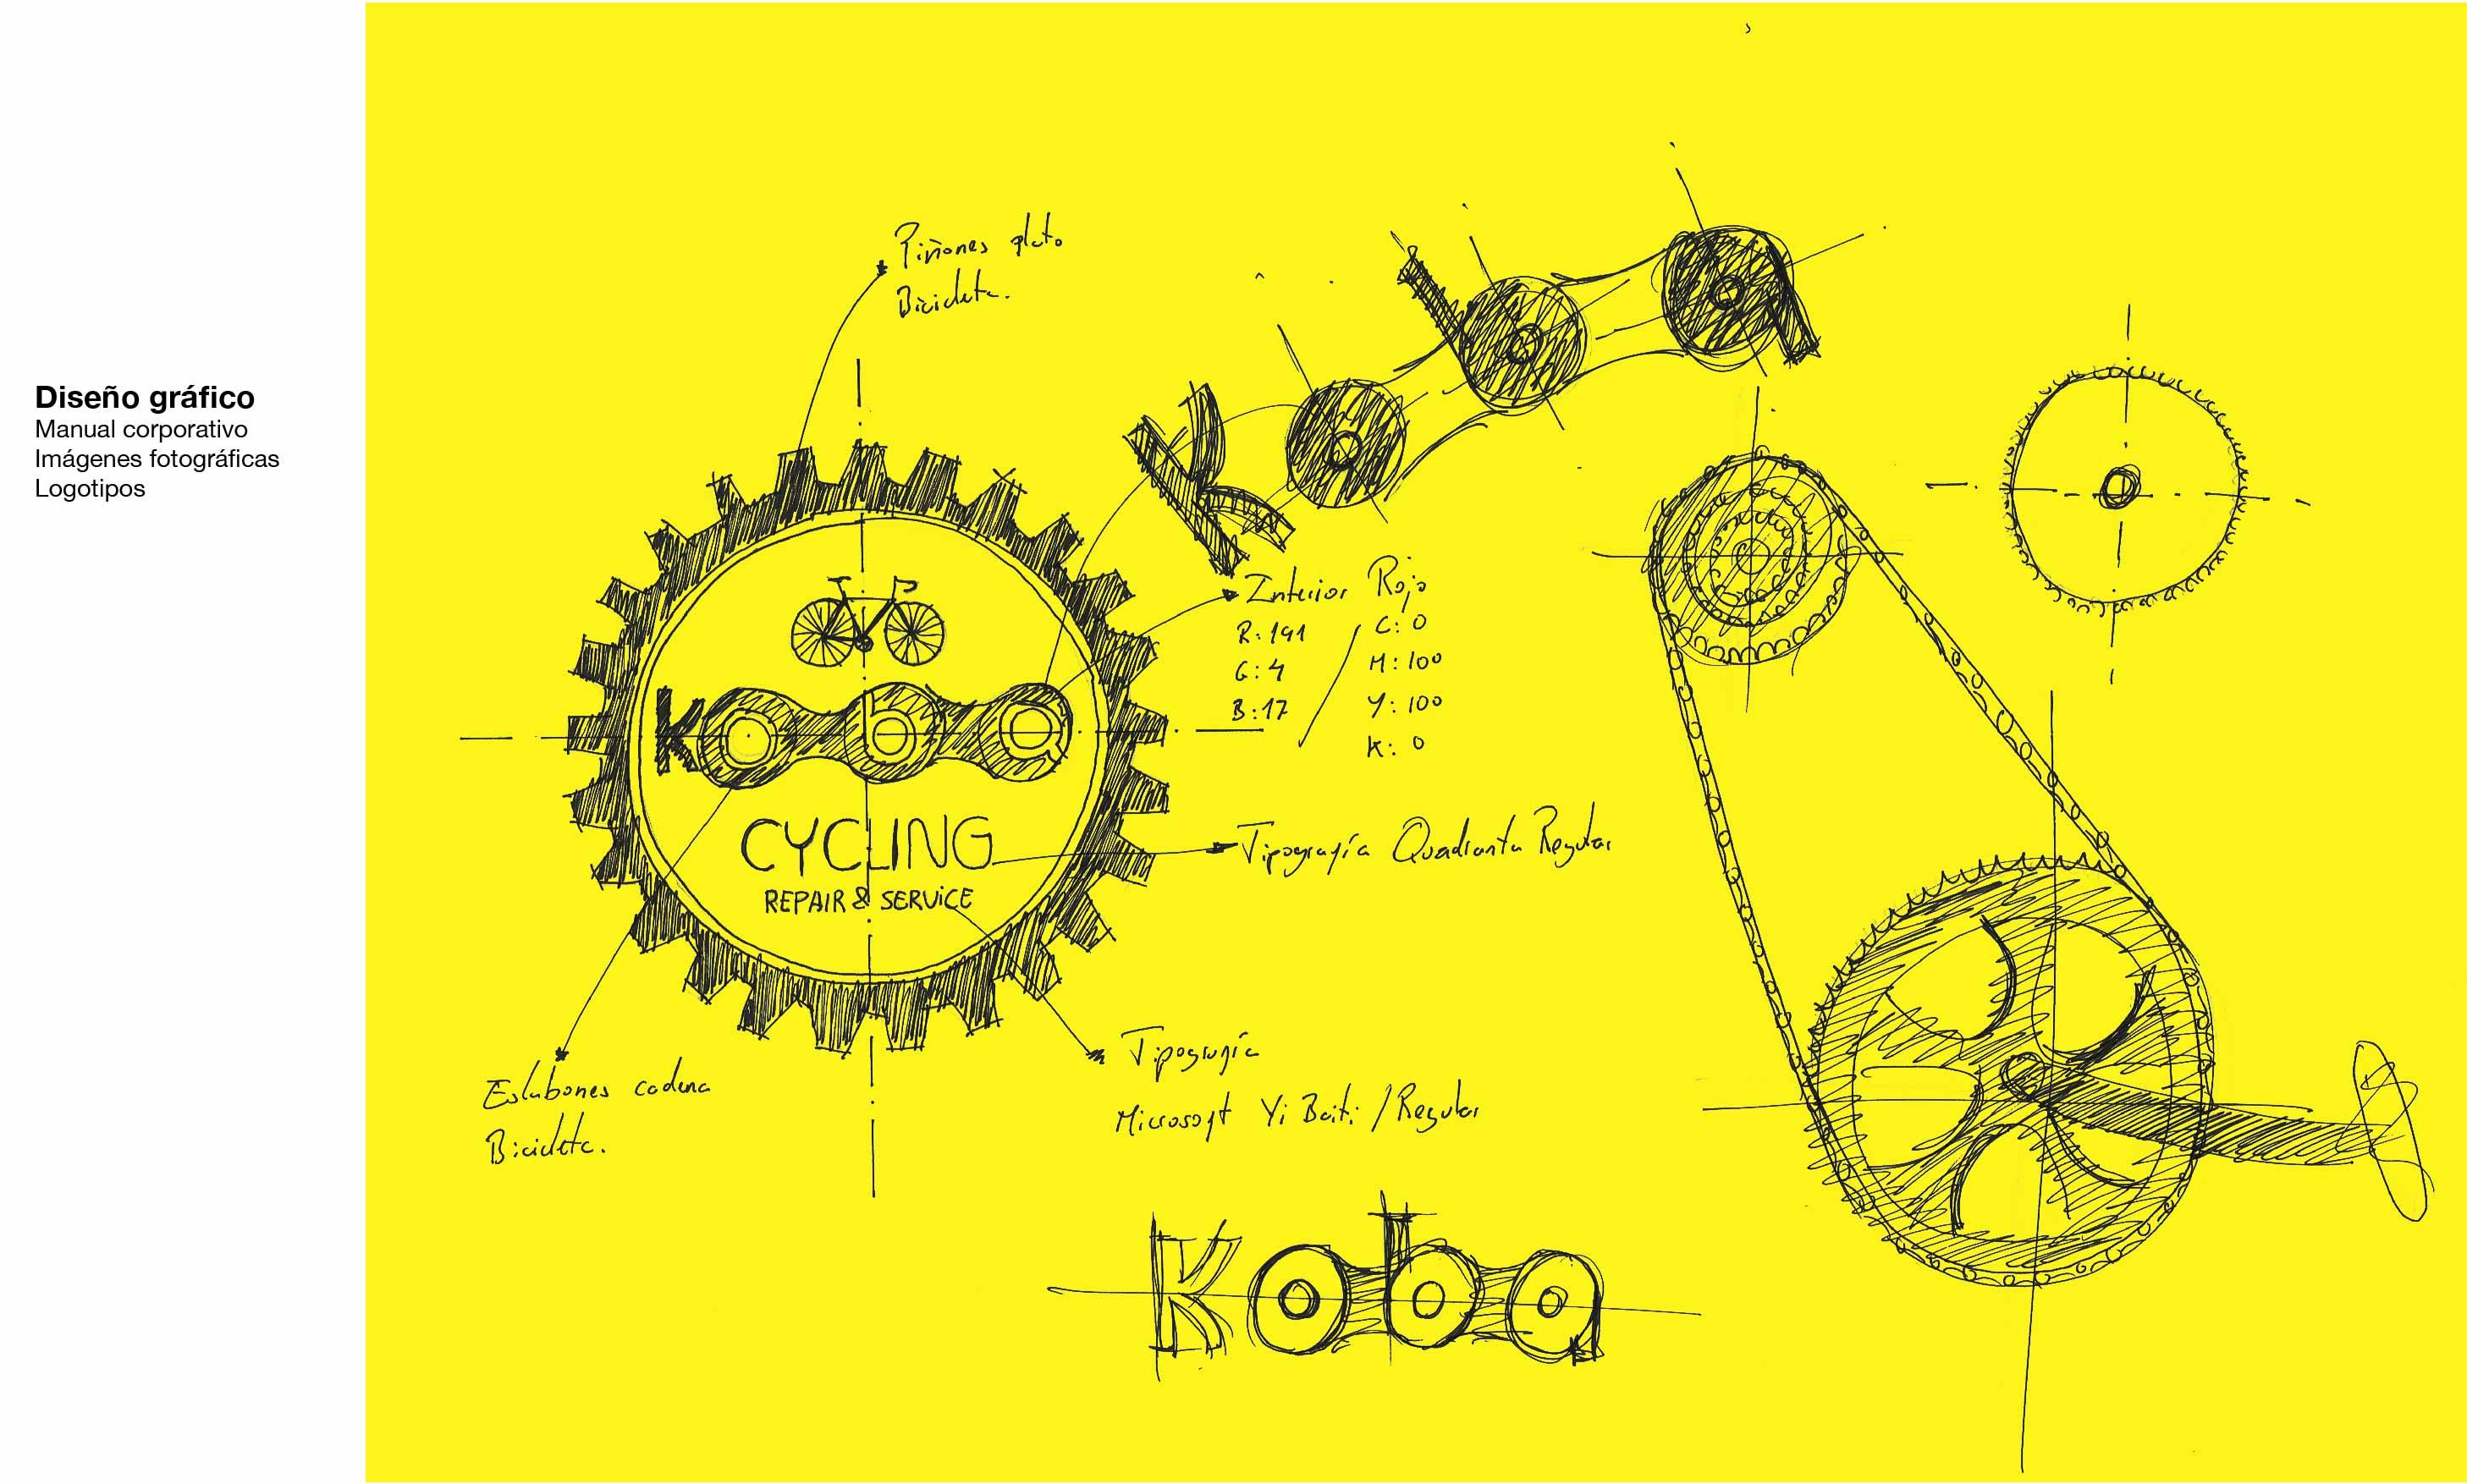 PAG_04_Diseño grafico-03